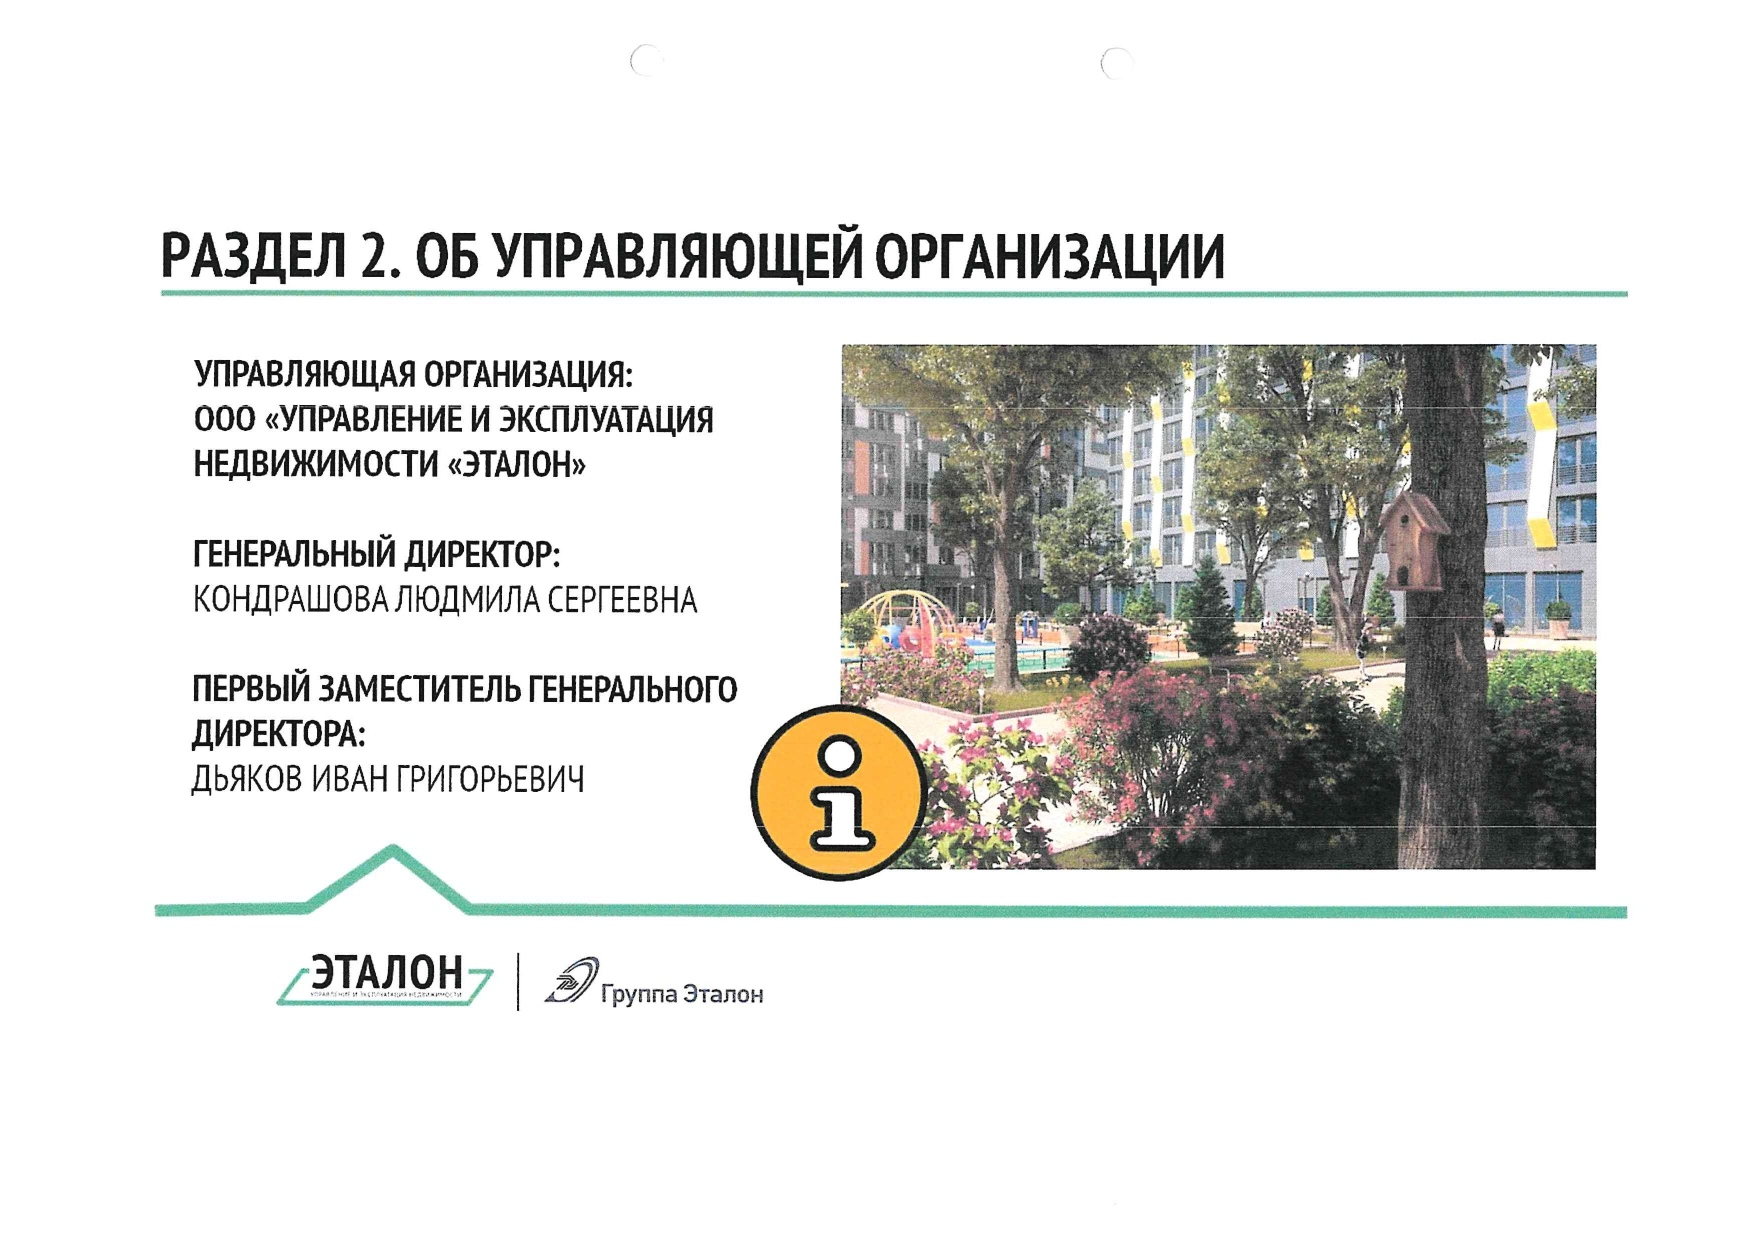 """Управляющая компания в ЖК """"Летний сад"""" - у нашего форума налажено взаимодействие. Развиваем его и решаем возникающие вопросы - Страница 6 148CclZDay8"""